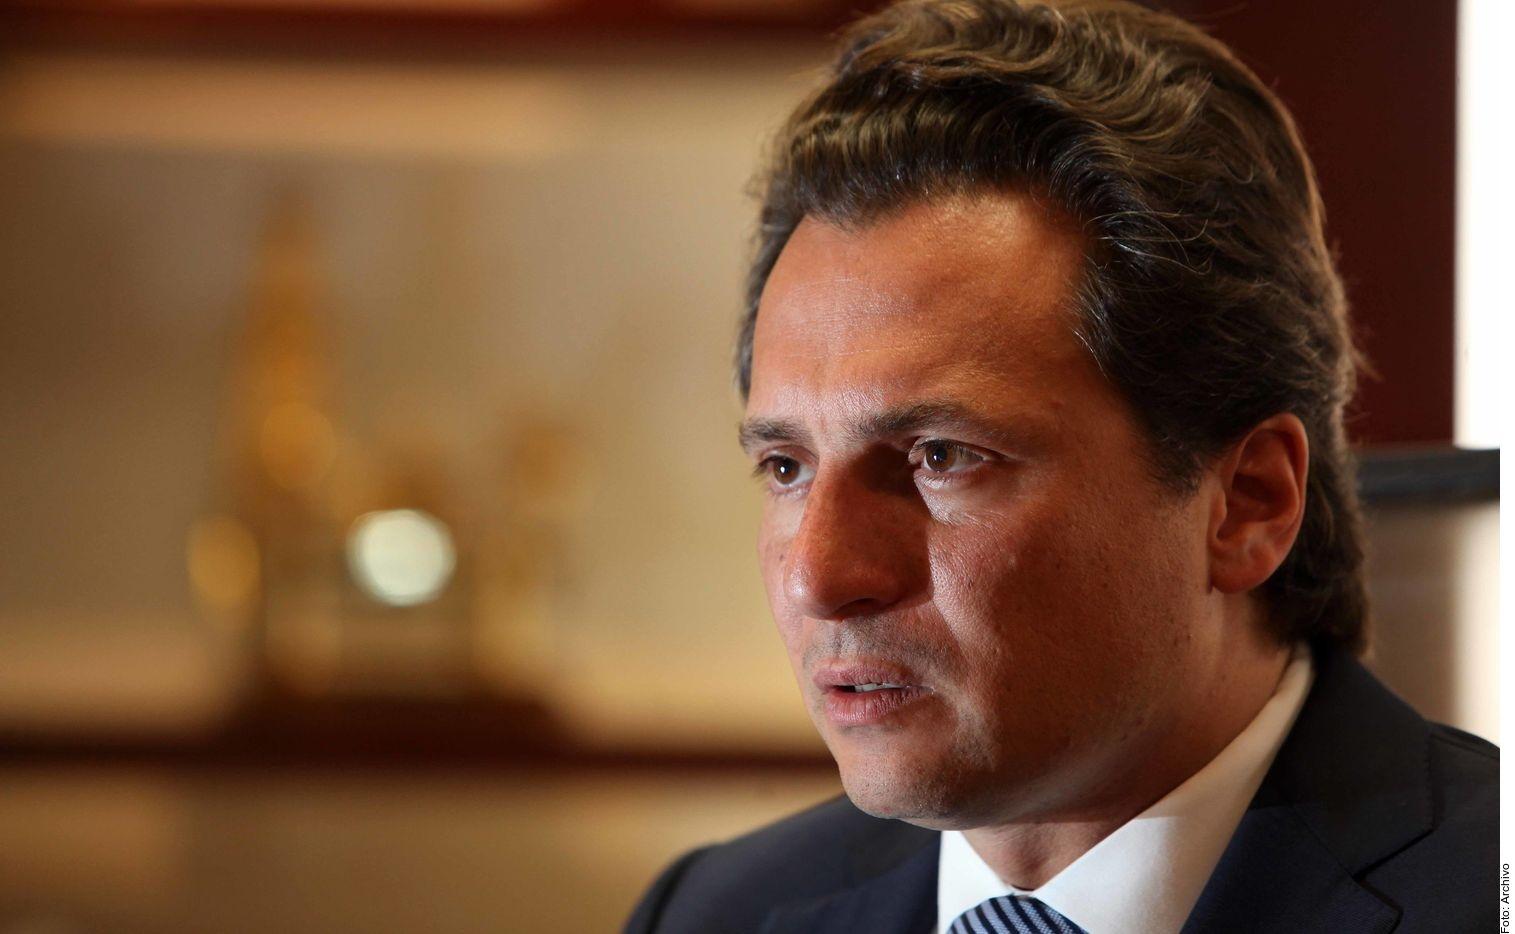 Emilio Lozoya Austin fue extraditado de España a México donde enfrenta cargos de lavado de dinero y corrupción.